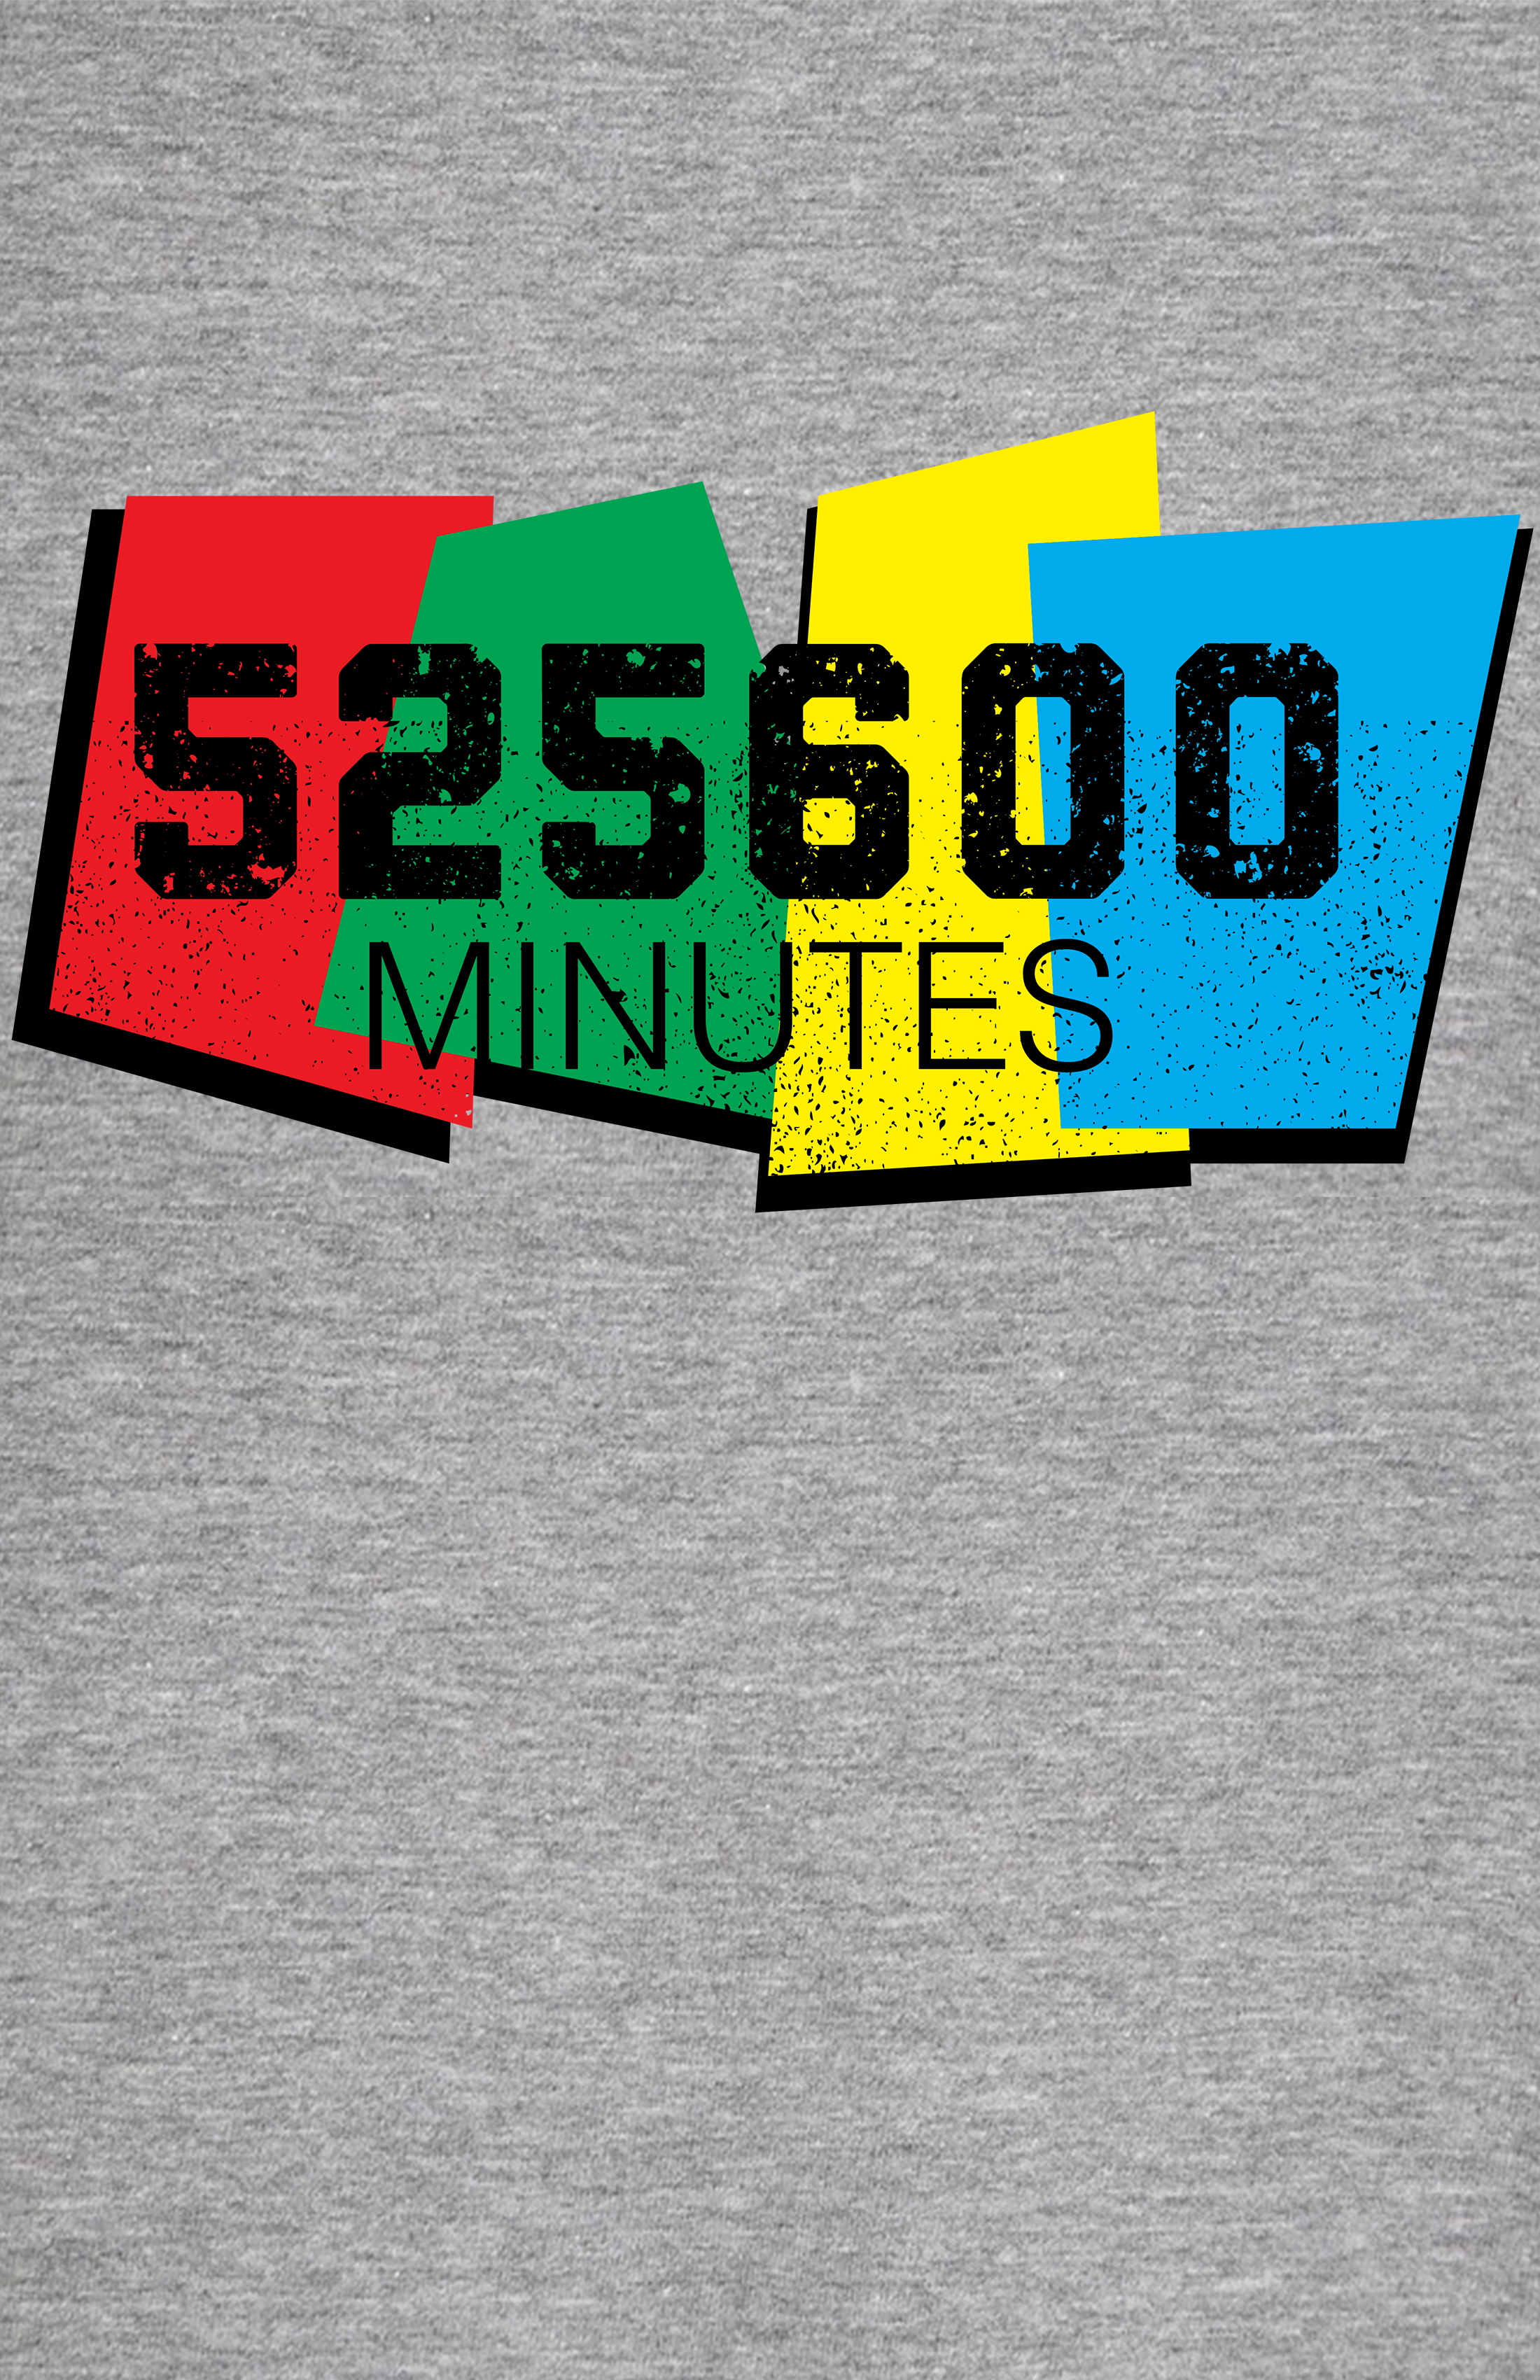 525600min.jpg